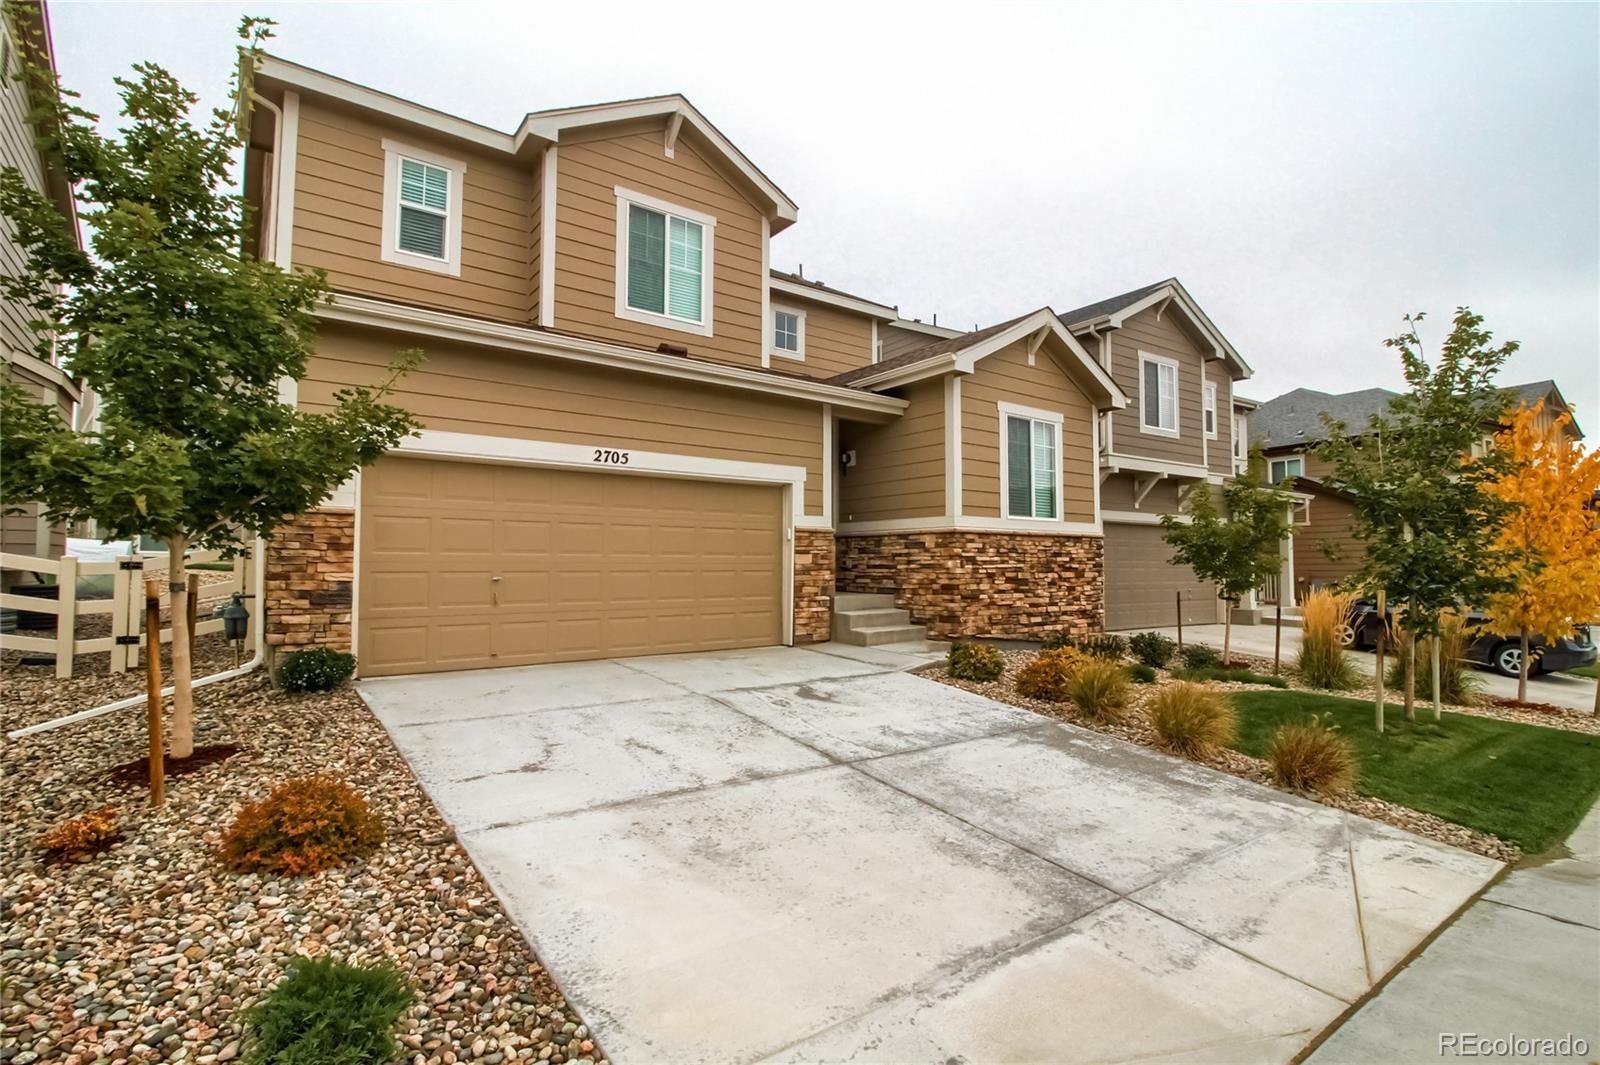 MLS# 4625079 - 22 - 2705 Garganey Drive, Castle Rock, CO 80104